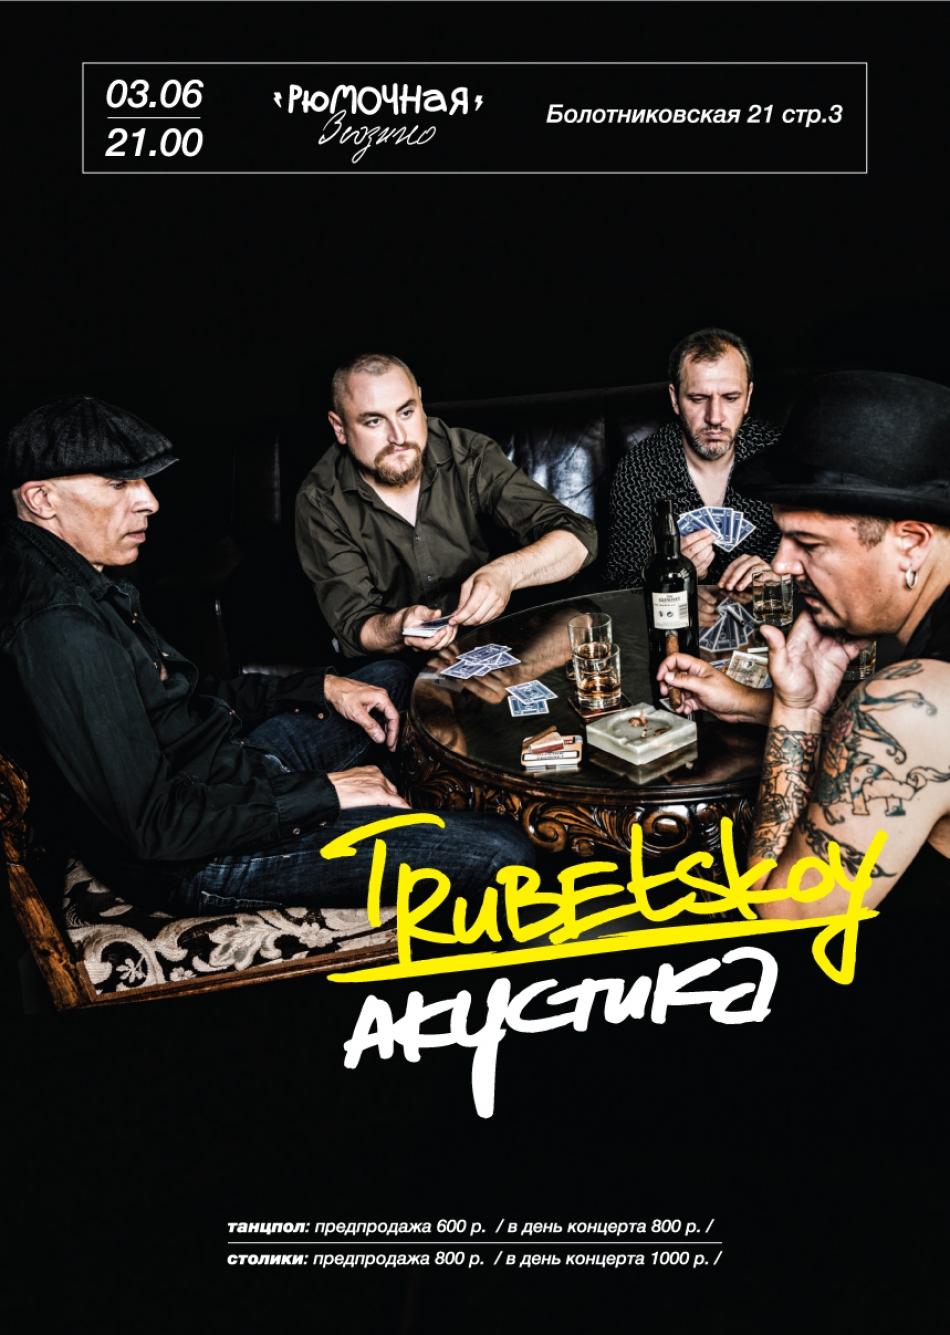 Trubetskoy Акустика